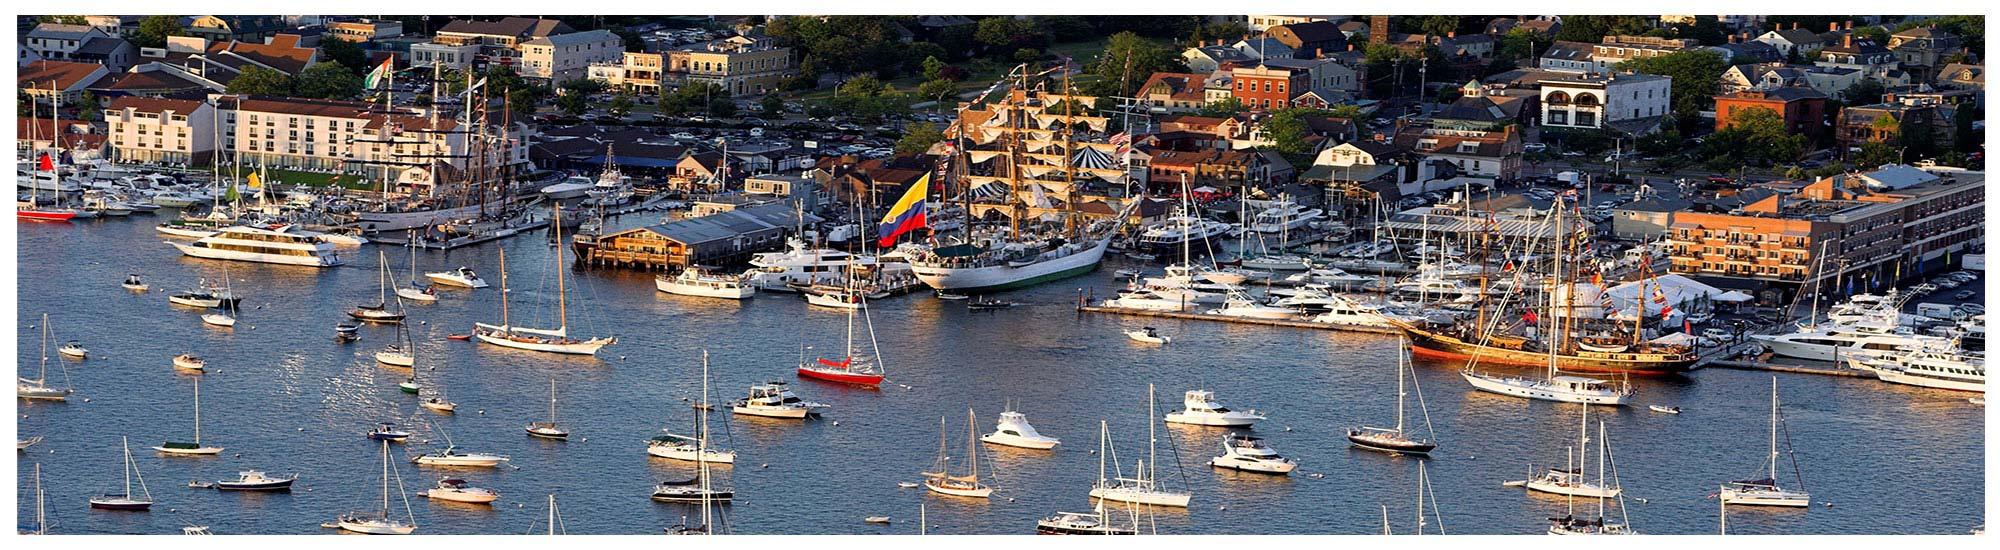 https://i1.wp.com/www.destinationnewport.com/boating/images/boatingheader.jpg